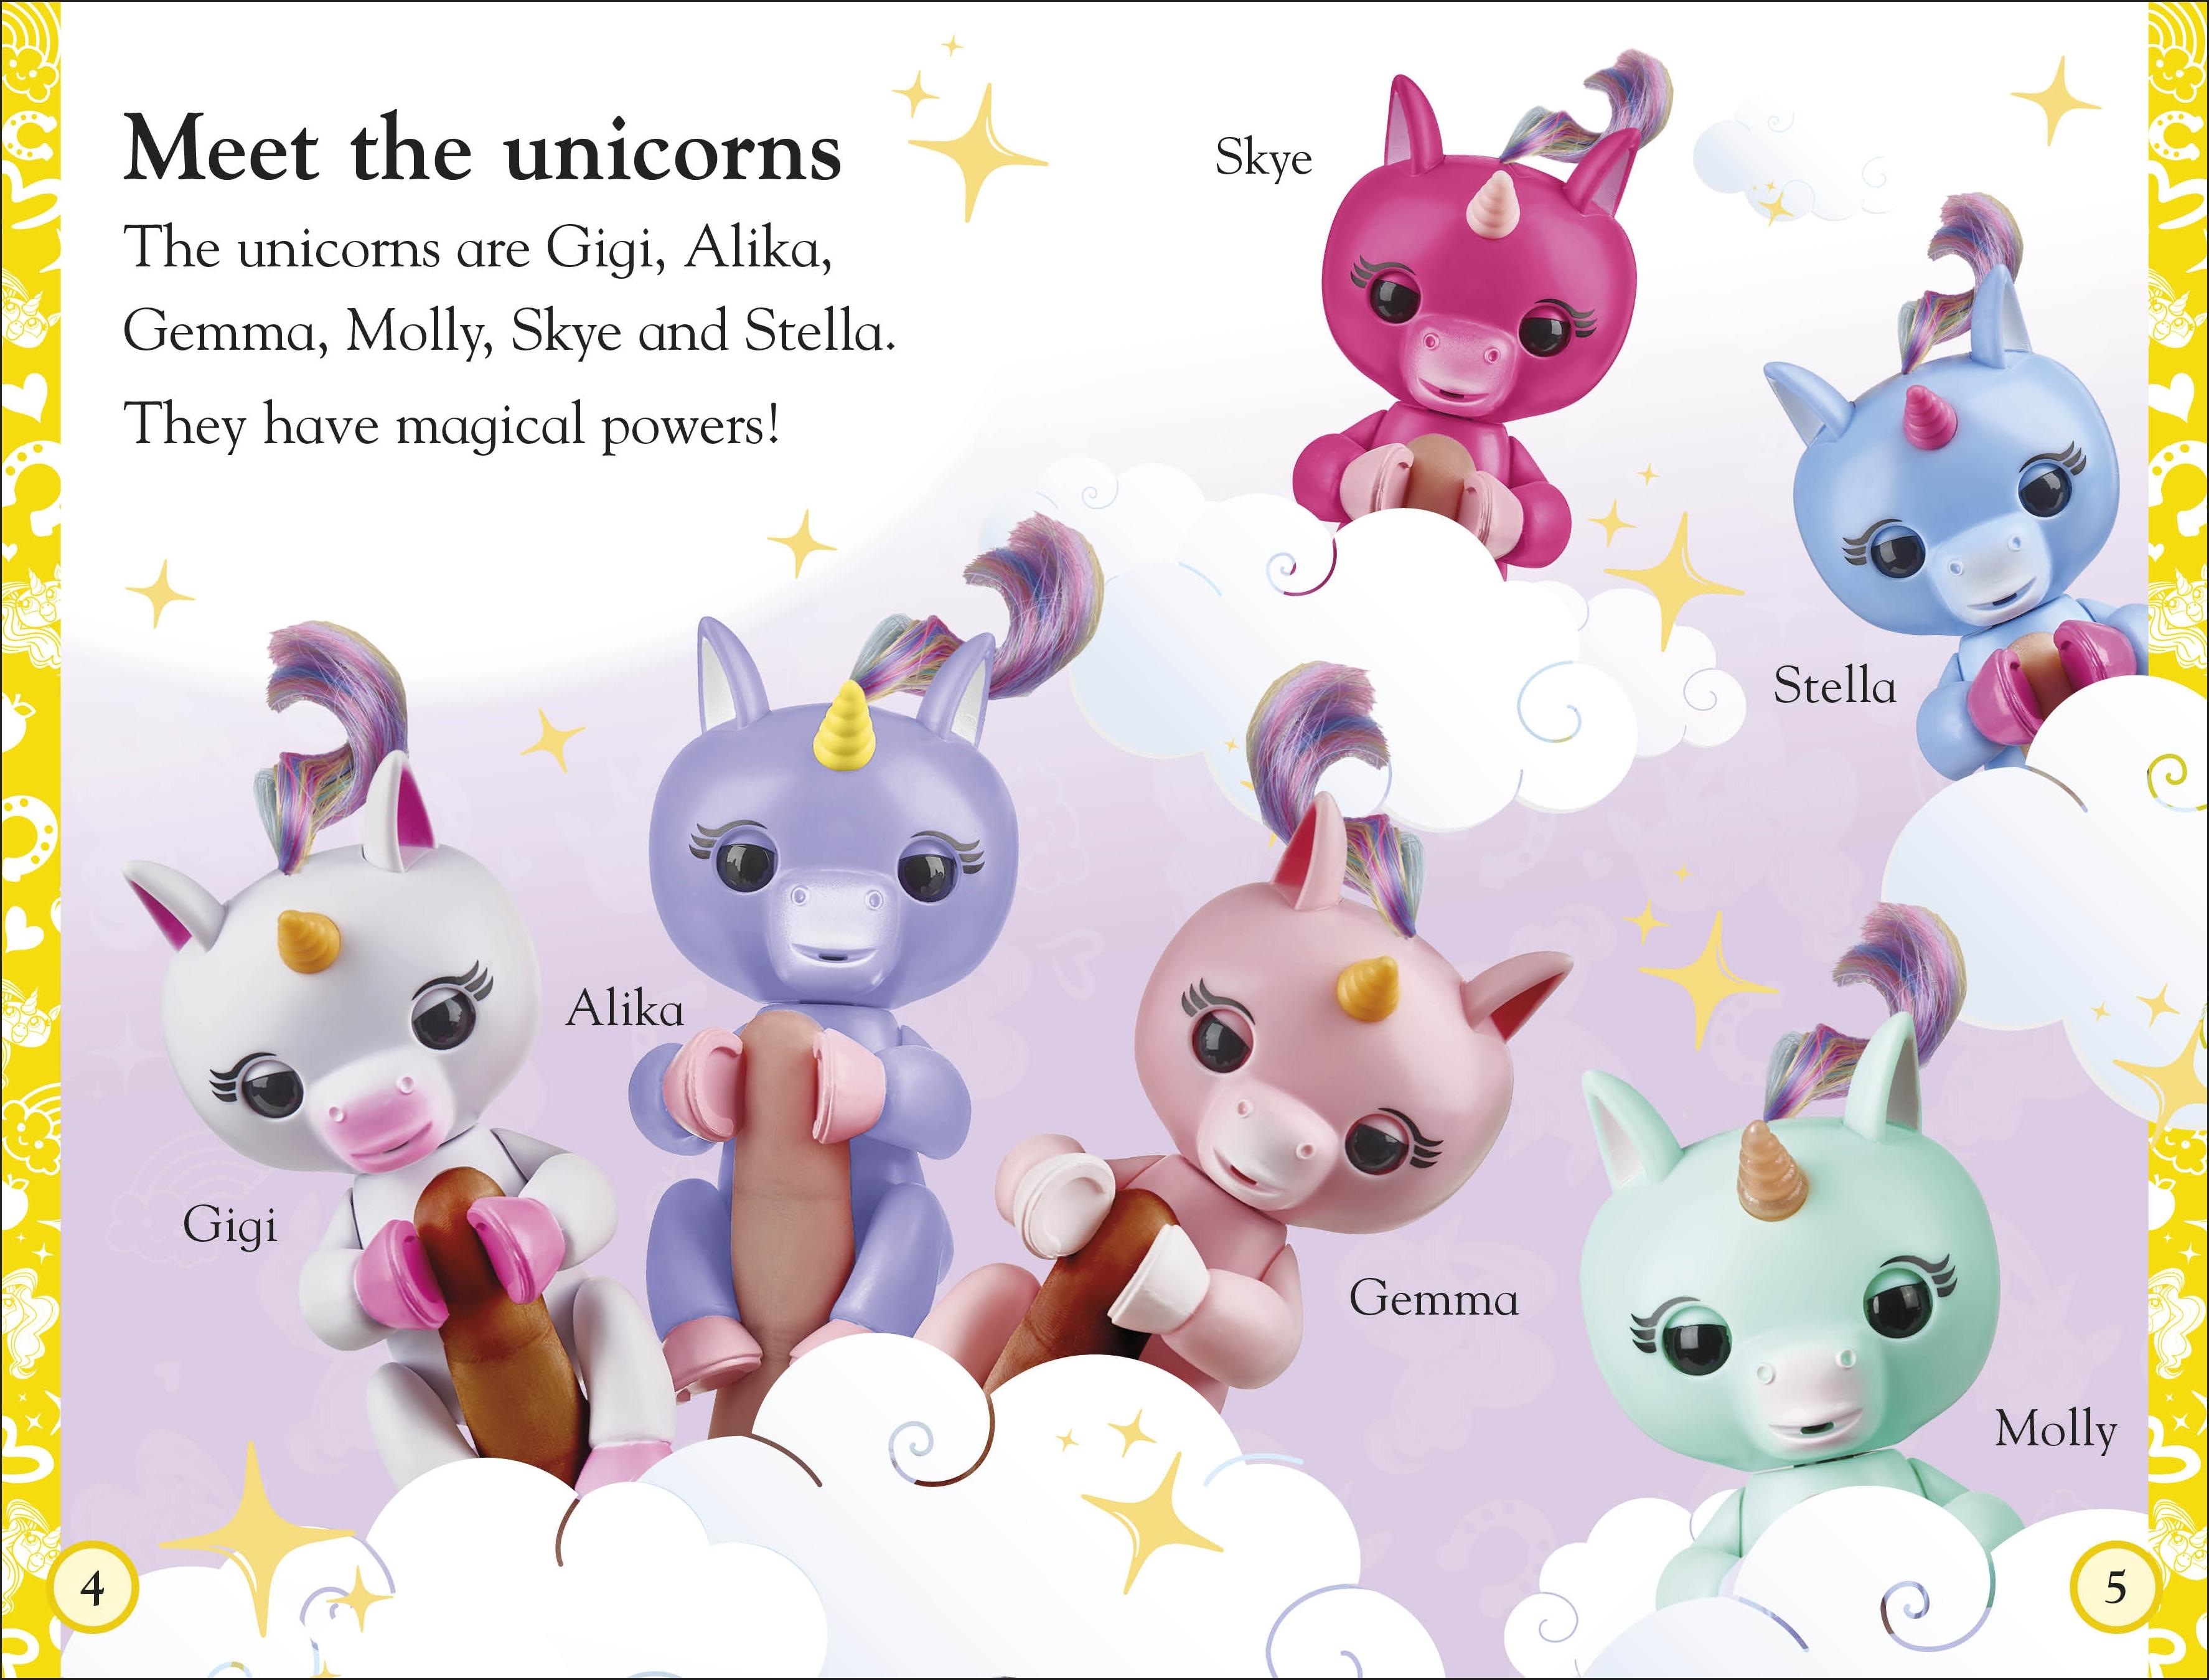 Fingerlings Unicorn Magic spread (DK)